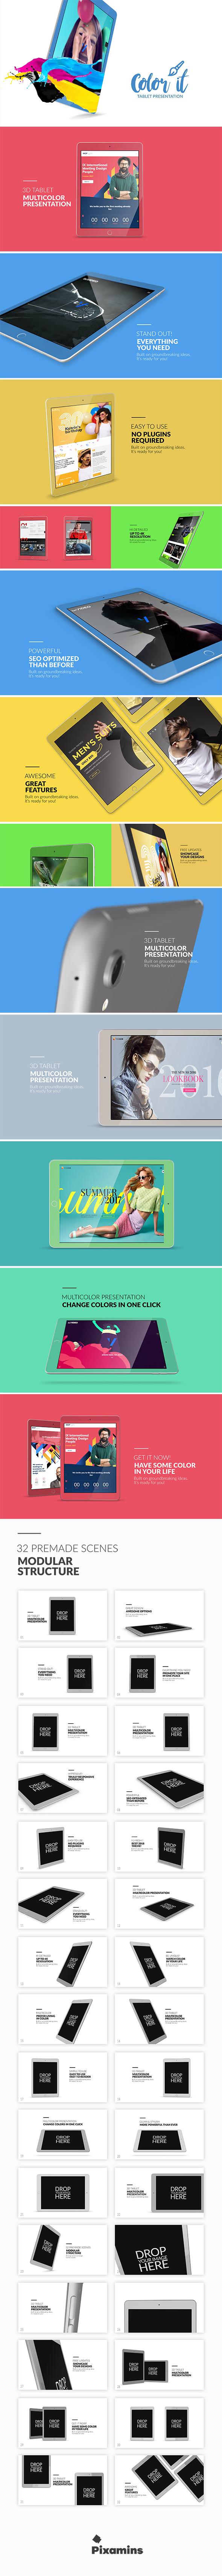 Color it - Tablet Presentation - 9